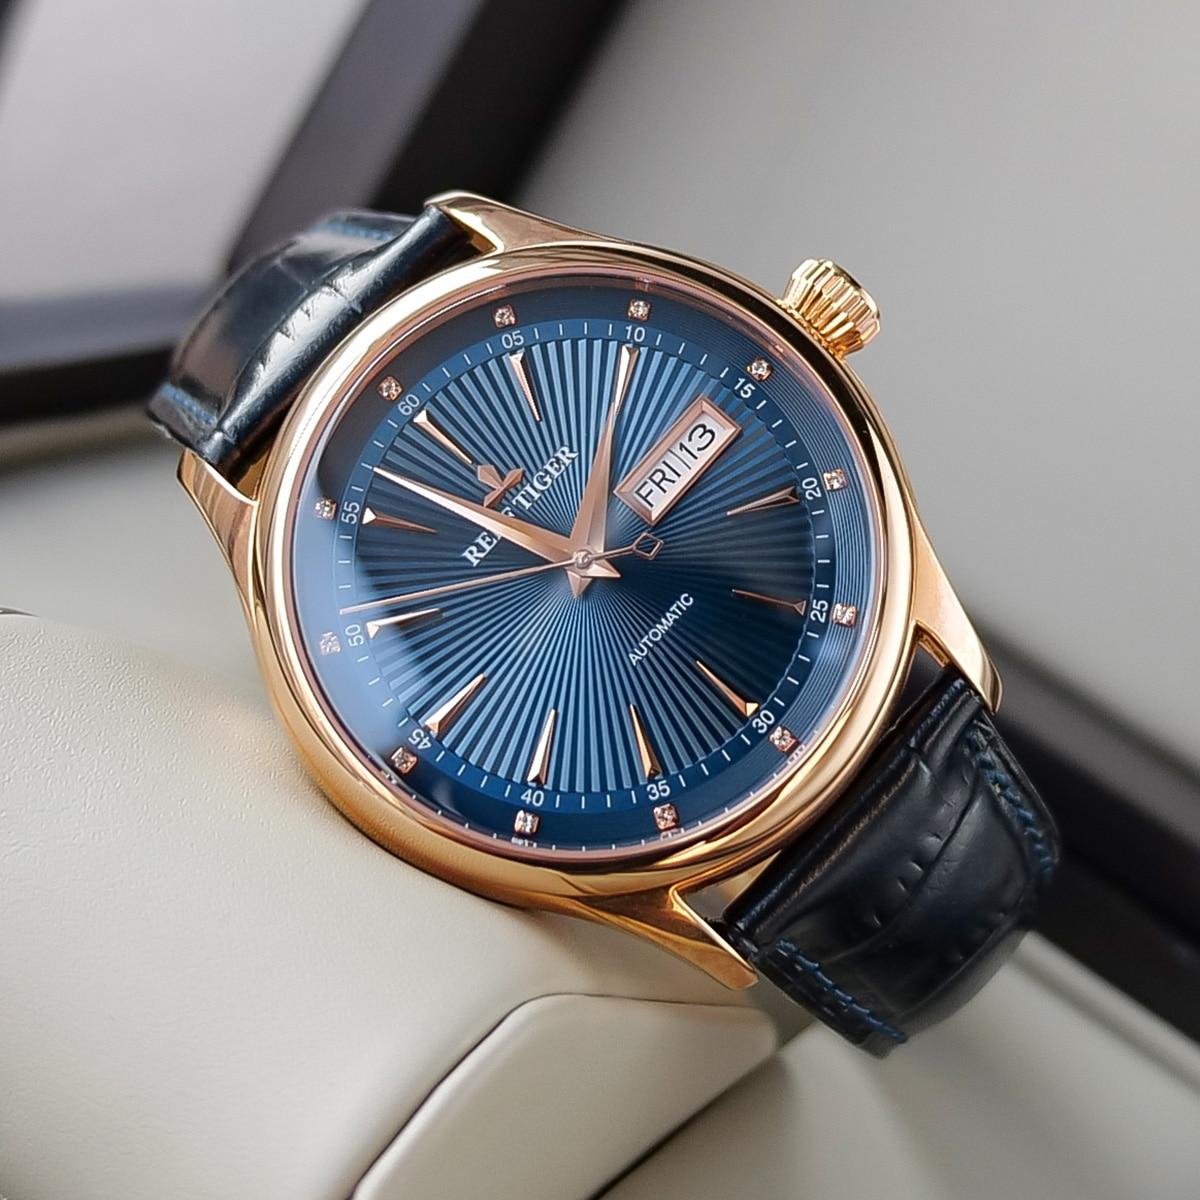 2021 جديد ريف النمر/RT فستان كلاسيكي العلامة التجارية الساعات مع تاريخ يوم الذهب الوردي ساعة أوتوماتيكية للرجال RGA8232